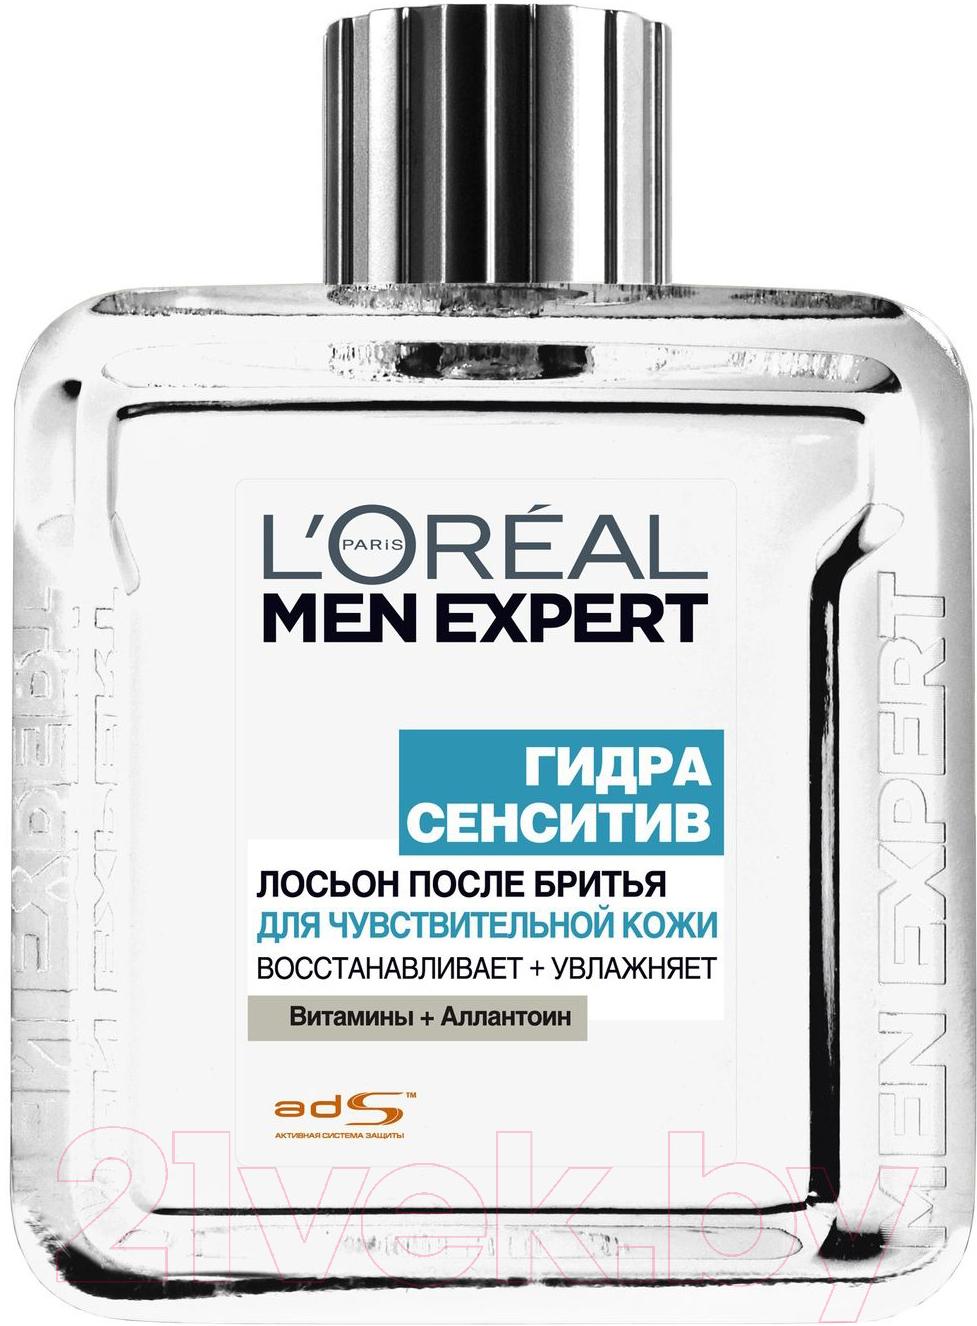 Купить Лосьон после бритья L'Oreal Paris, Men Expert Гидра Сенситив (100мл), Италия